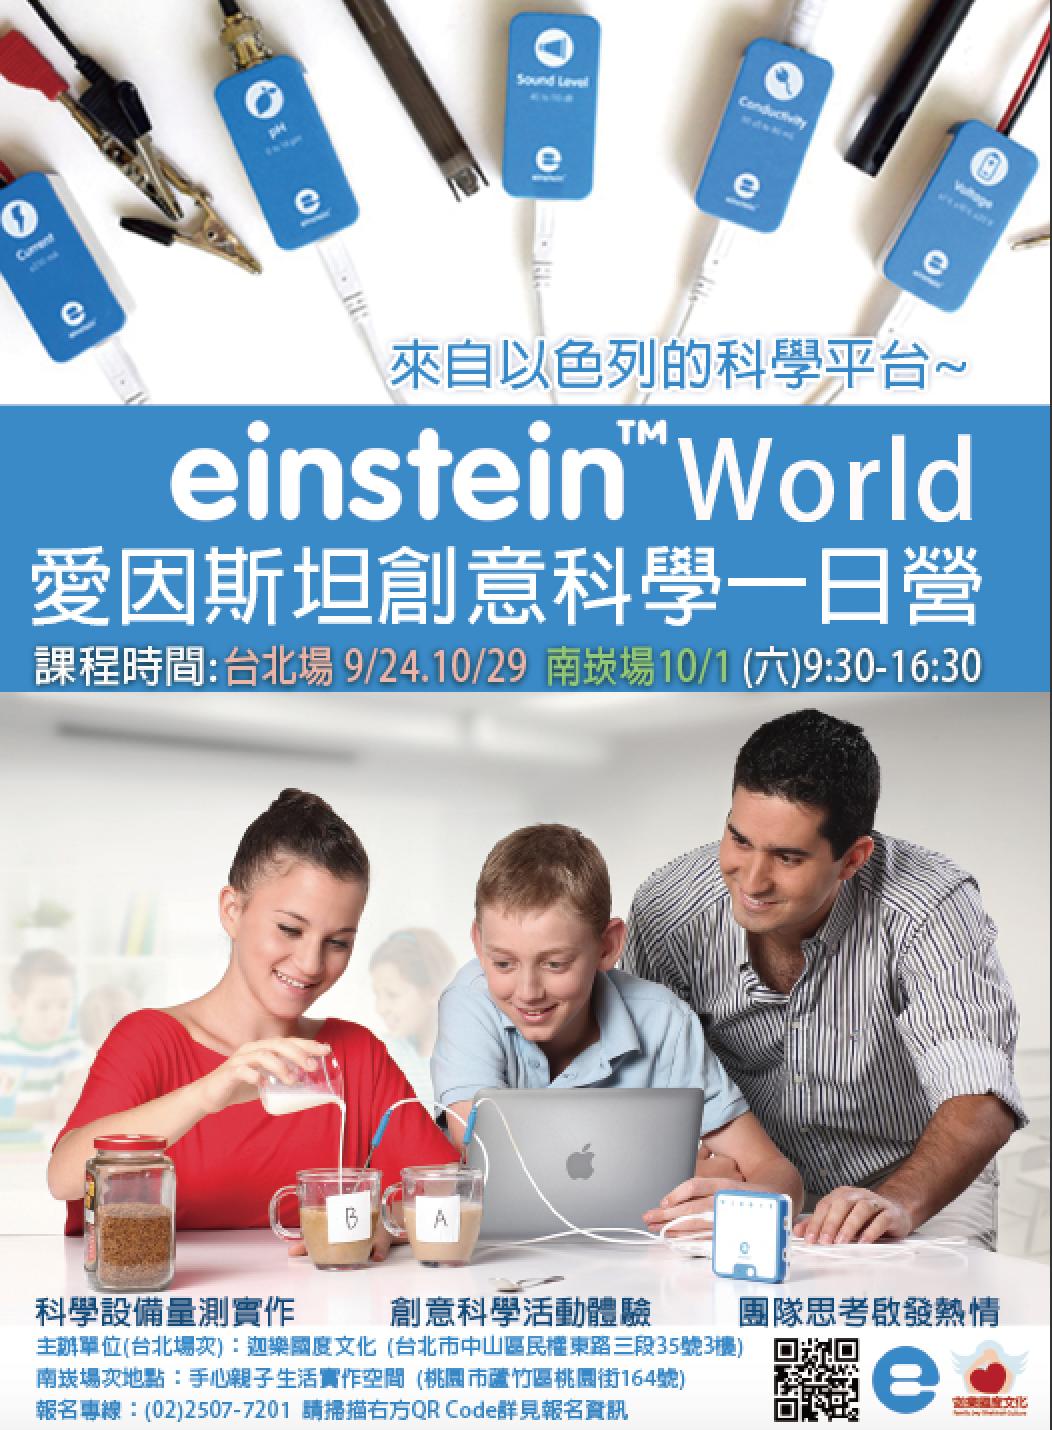 愛因斯坦科學列車- 啟動每個孩子學習科學的熱情!